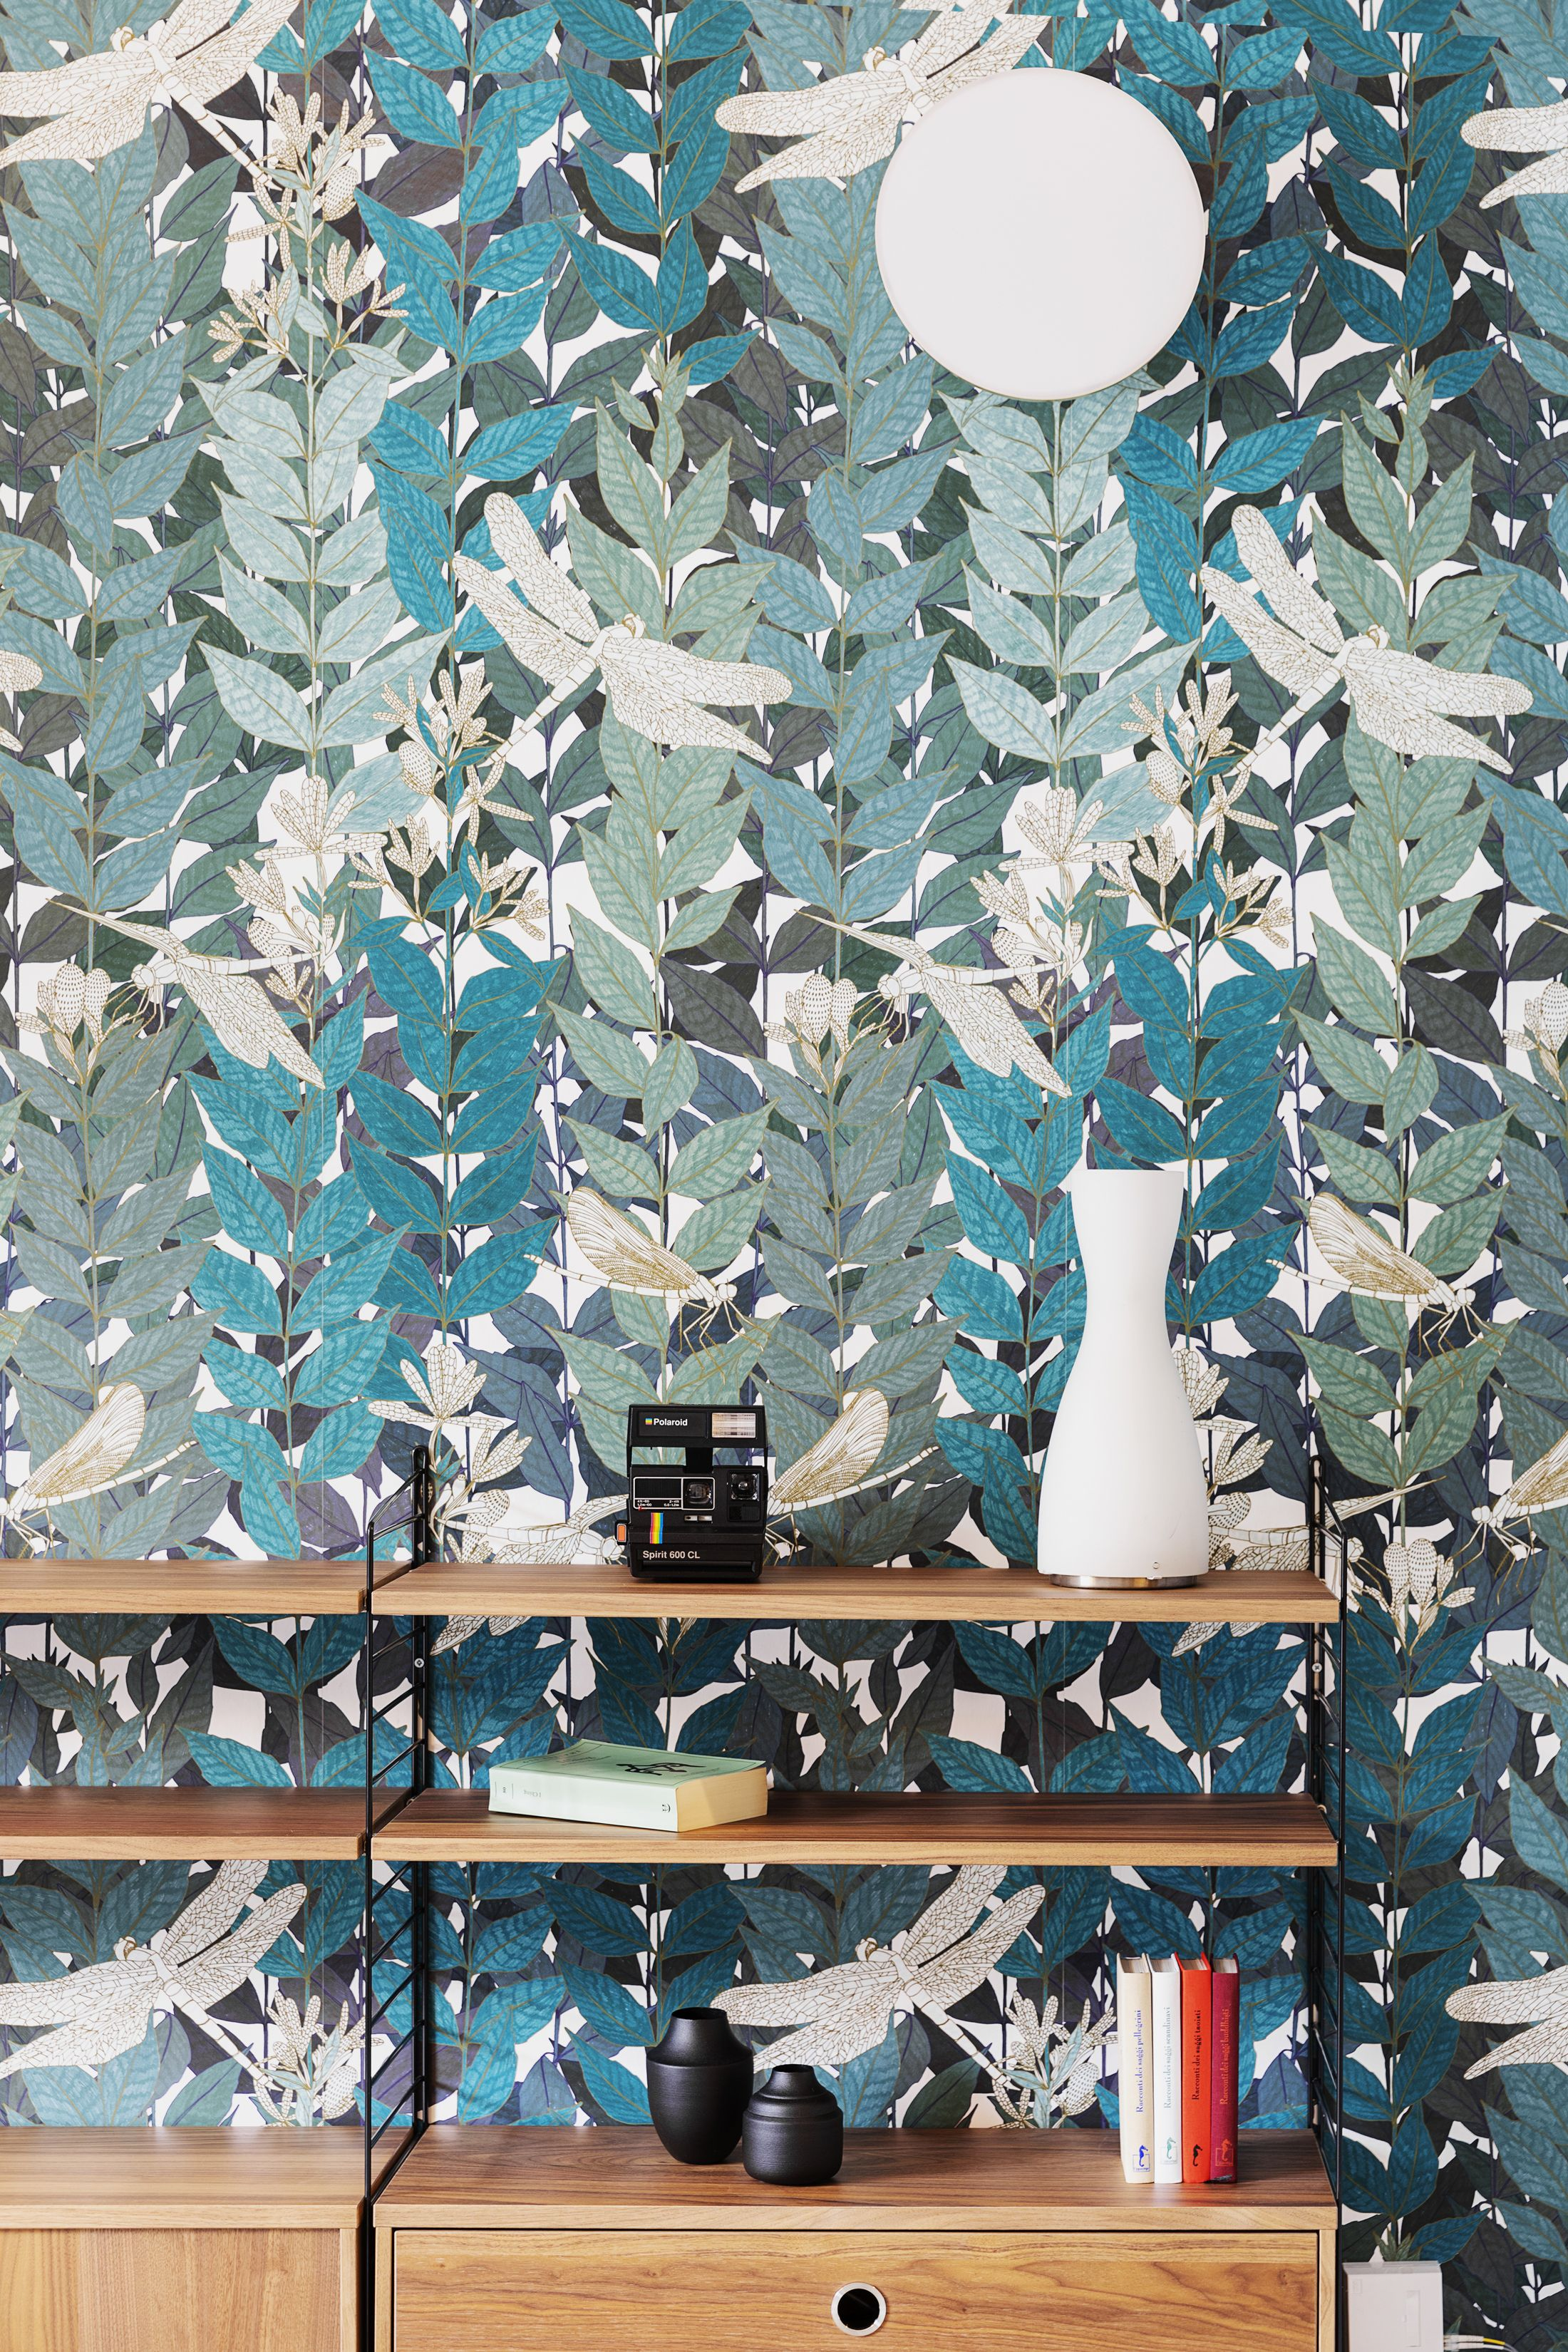 Papier Peint Motif Nature papier peint ressource, collection forestine, motif